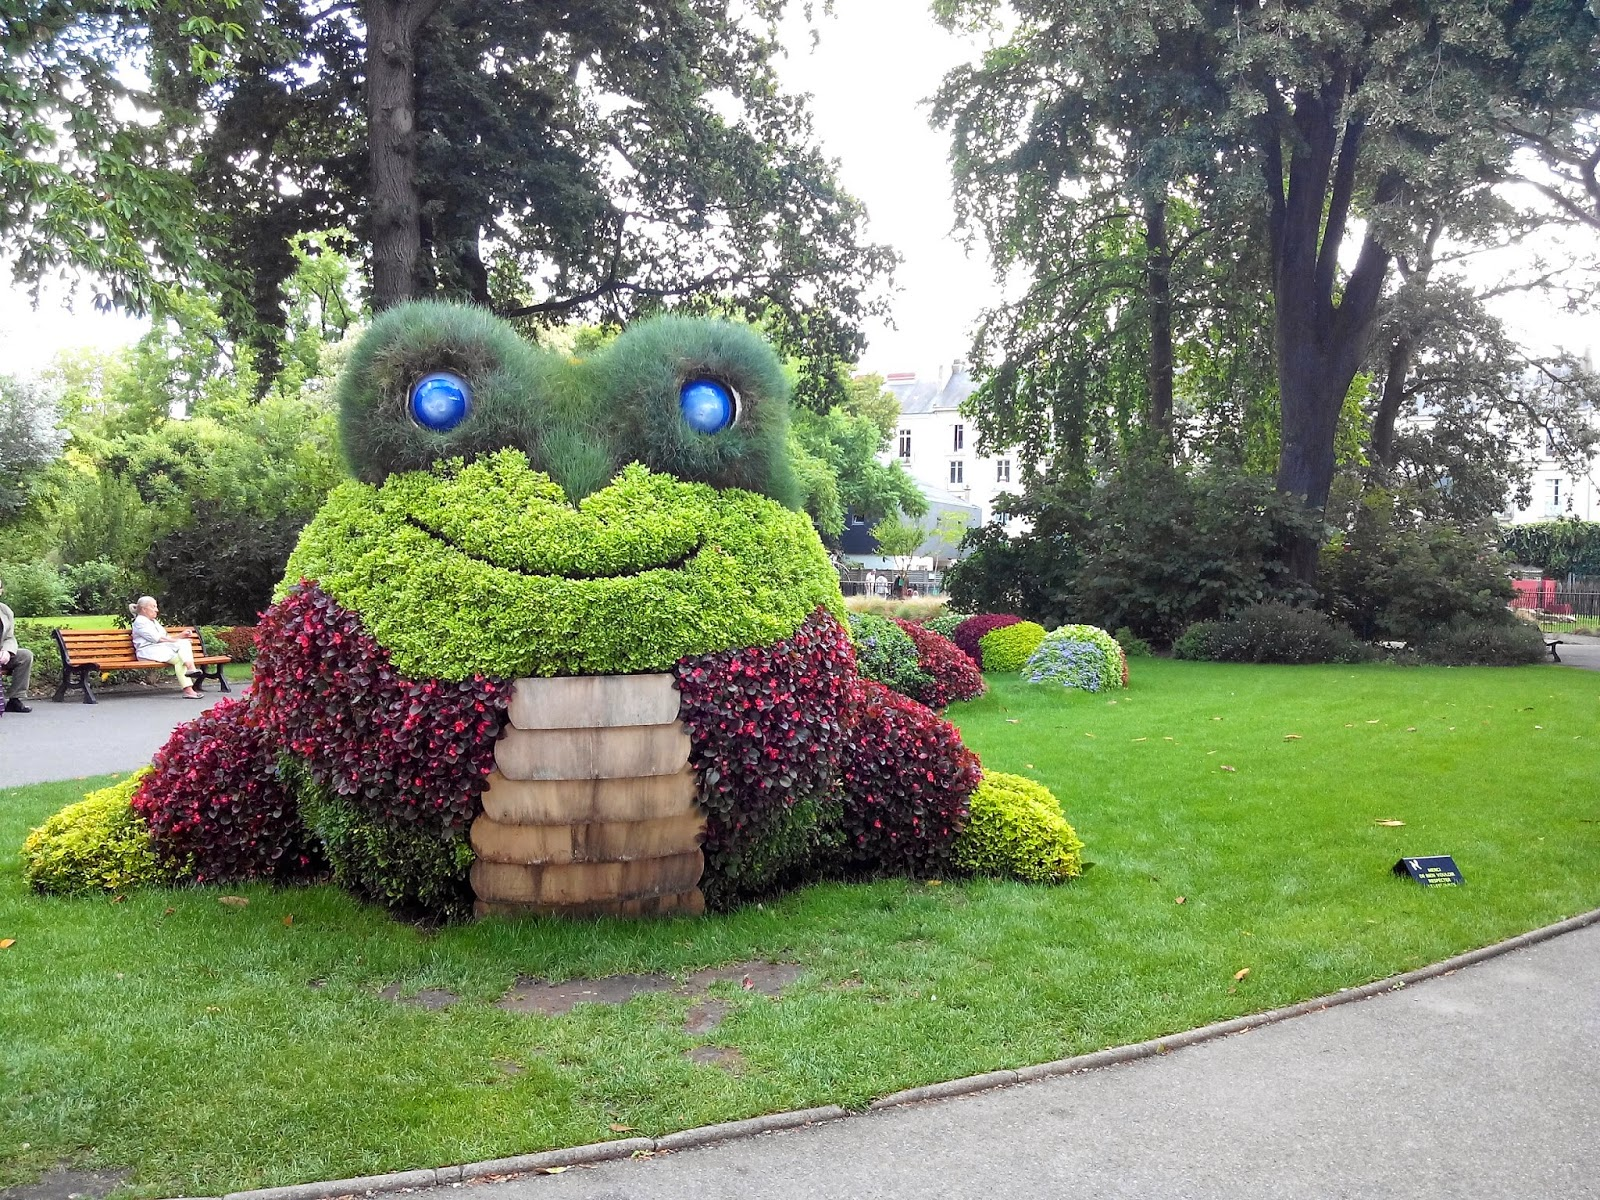 Voyage Nantes Jardin Des Plantes | Le Voyage à Nantes Du Grand Art